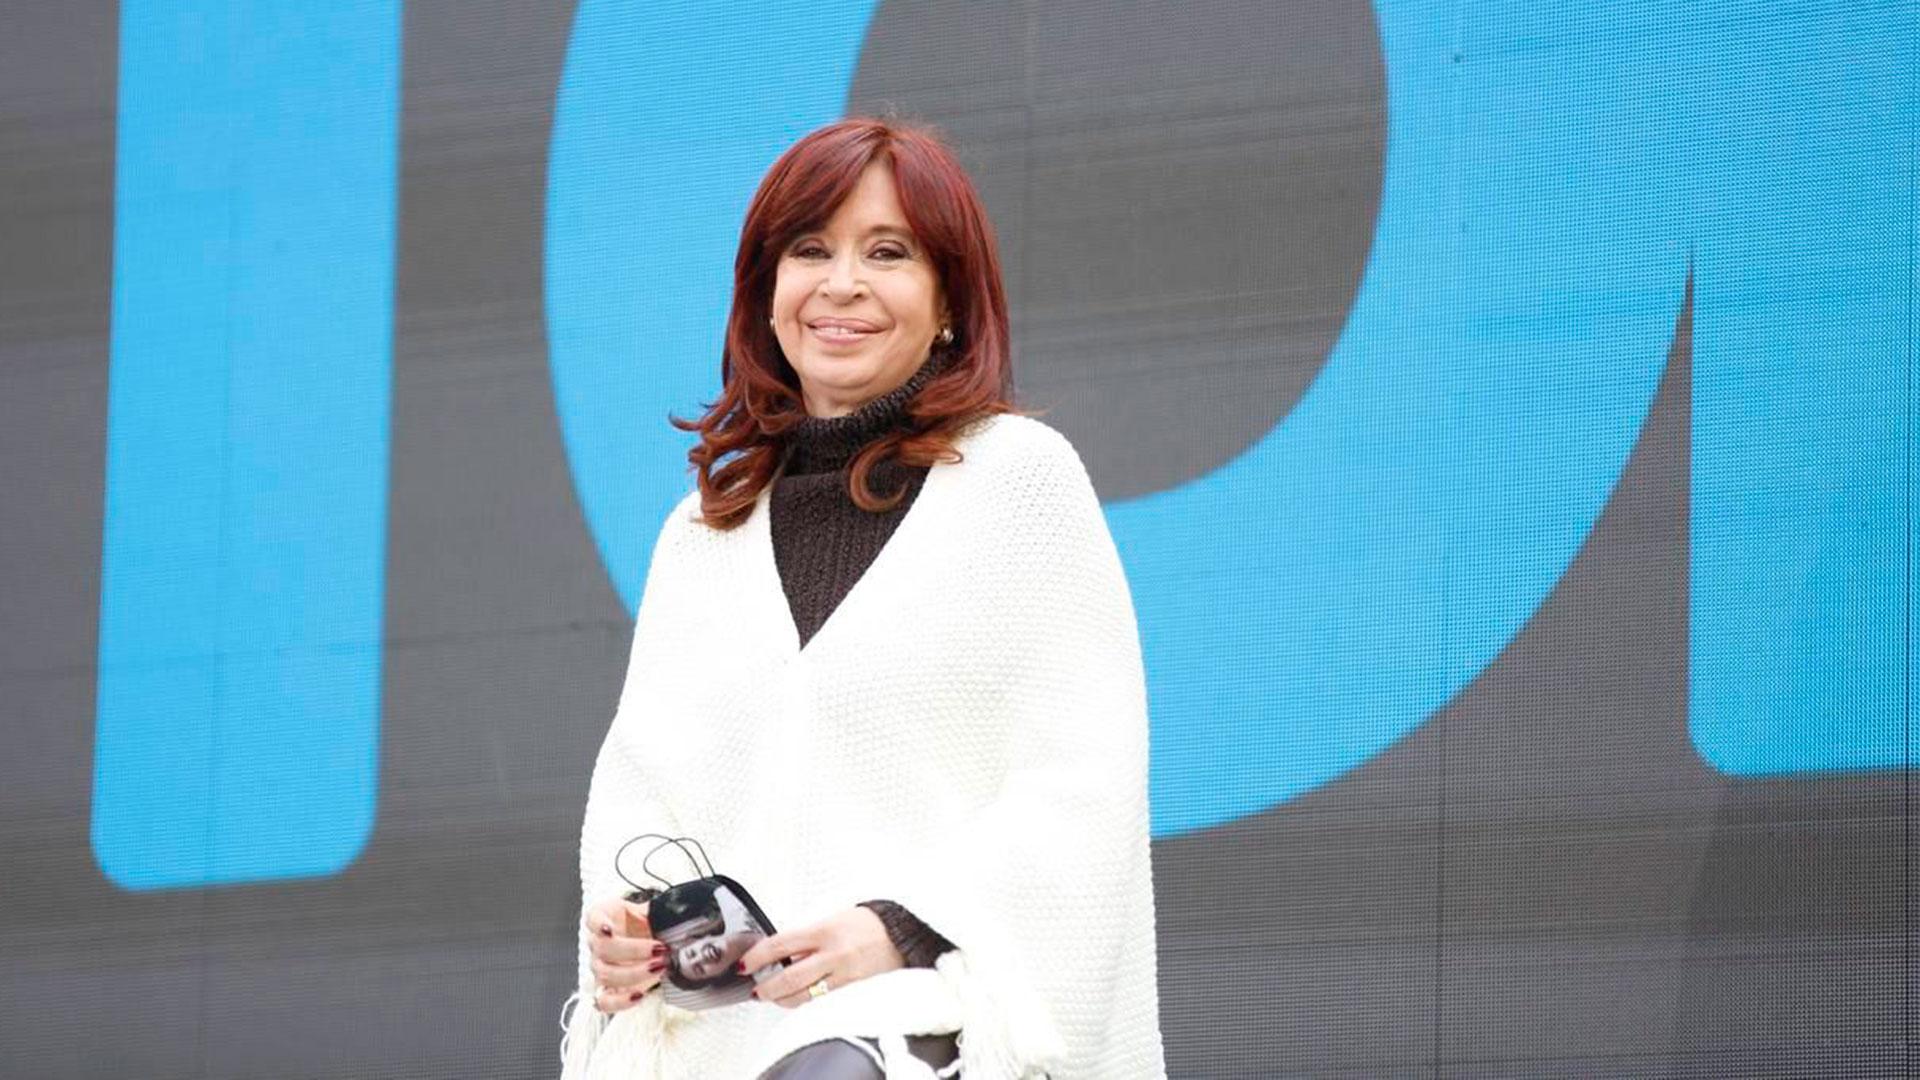 Este jueves por la tarde, el Tribunal Oral Federal 8 sobreseyó a todos los imputados en la causa por la firma del Memorándum con Irán, incluida la vicepresidenta Cristina Fernández de Kirchner.